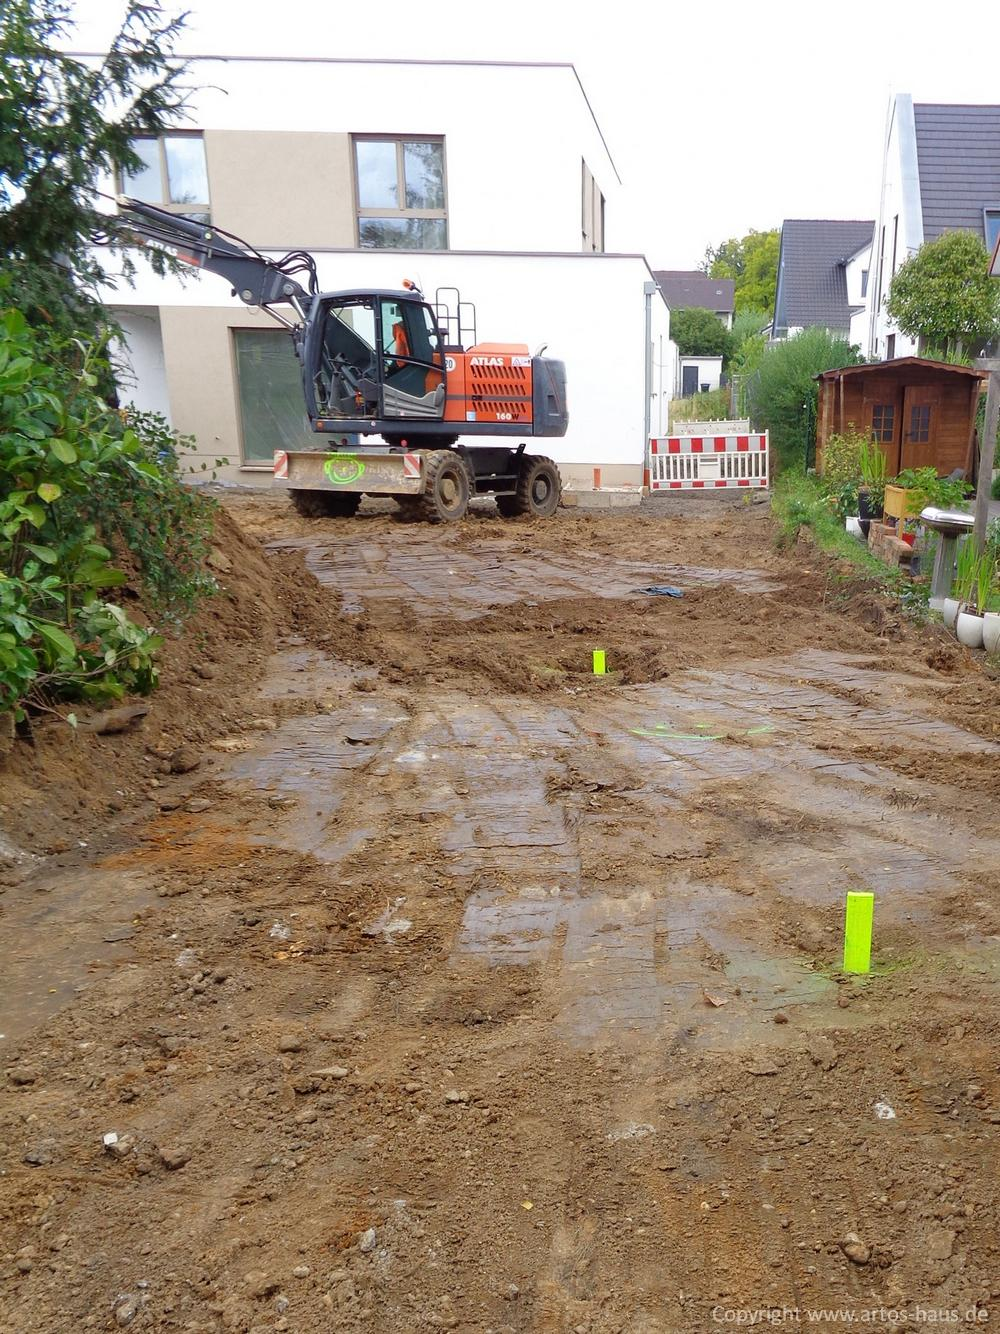 Baustatus Artos Bauvorhaben in Bonn im August 2021, Bild 9